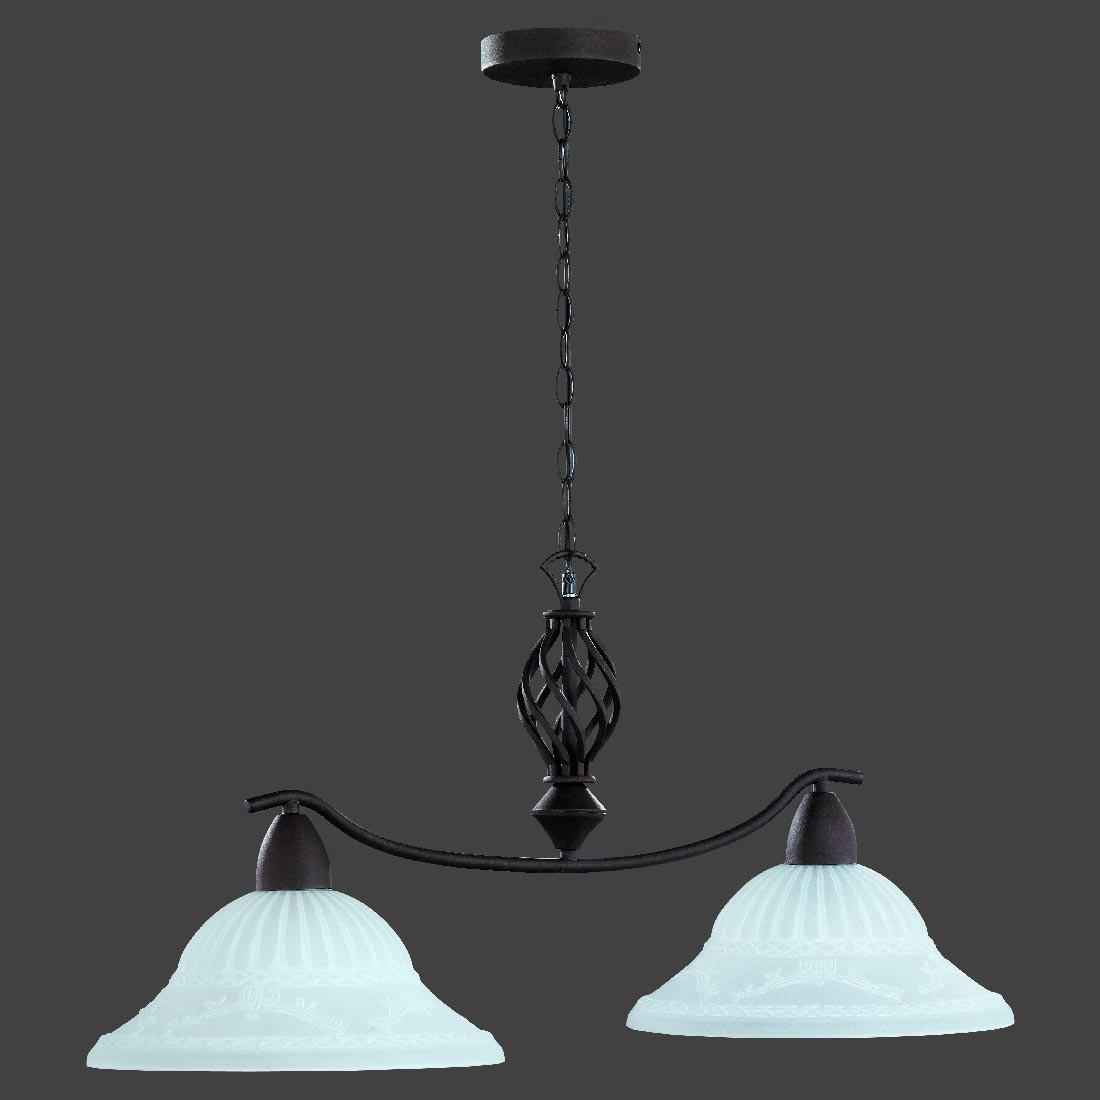 lampenschirm glas satiniert pendelleuchte preisvergleich die besten angebote online kaufen. Black Bedroom Furniture Sets. Home Design Ideas